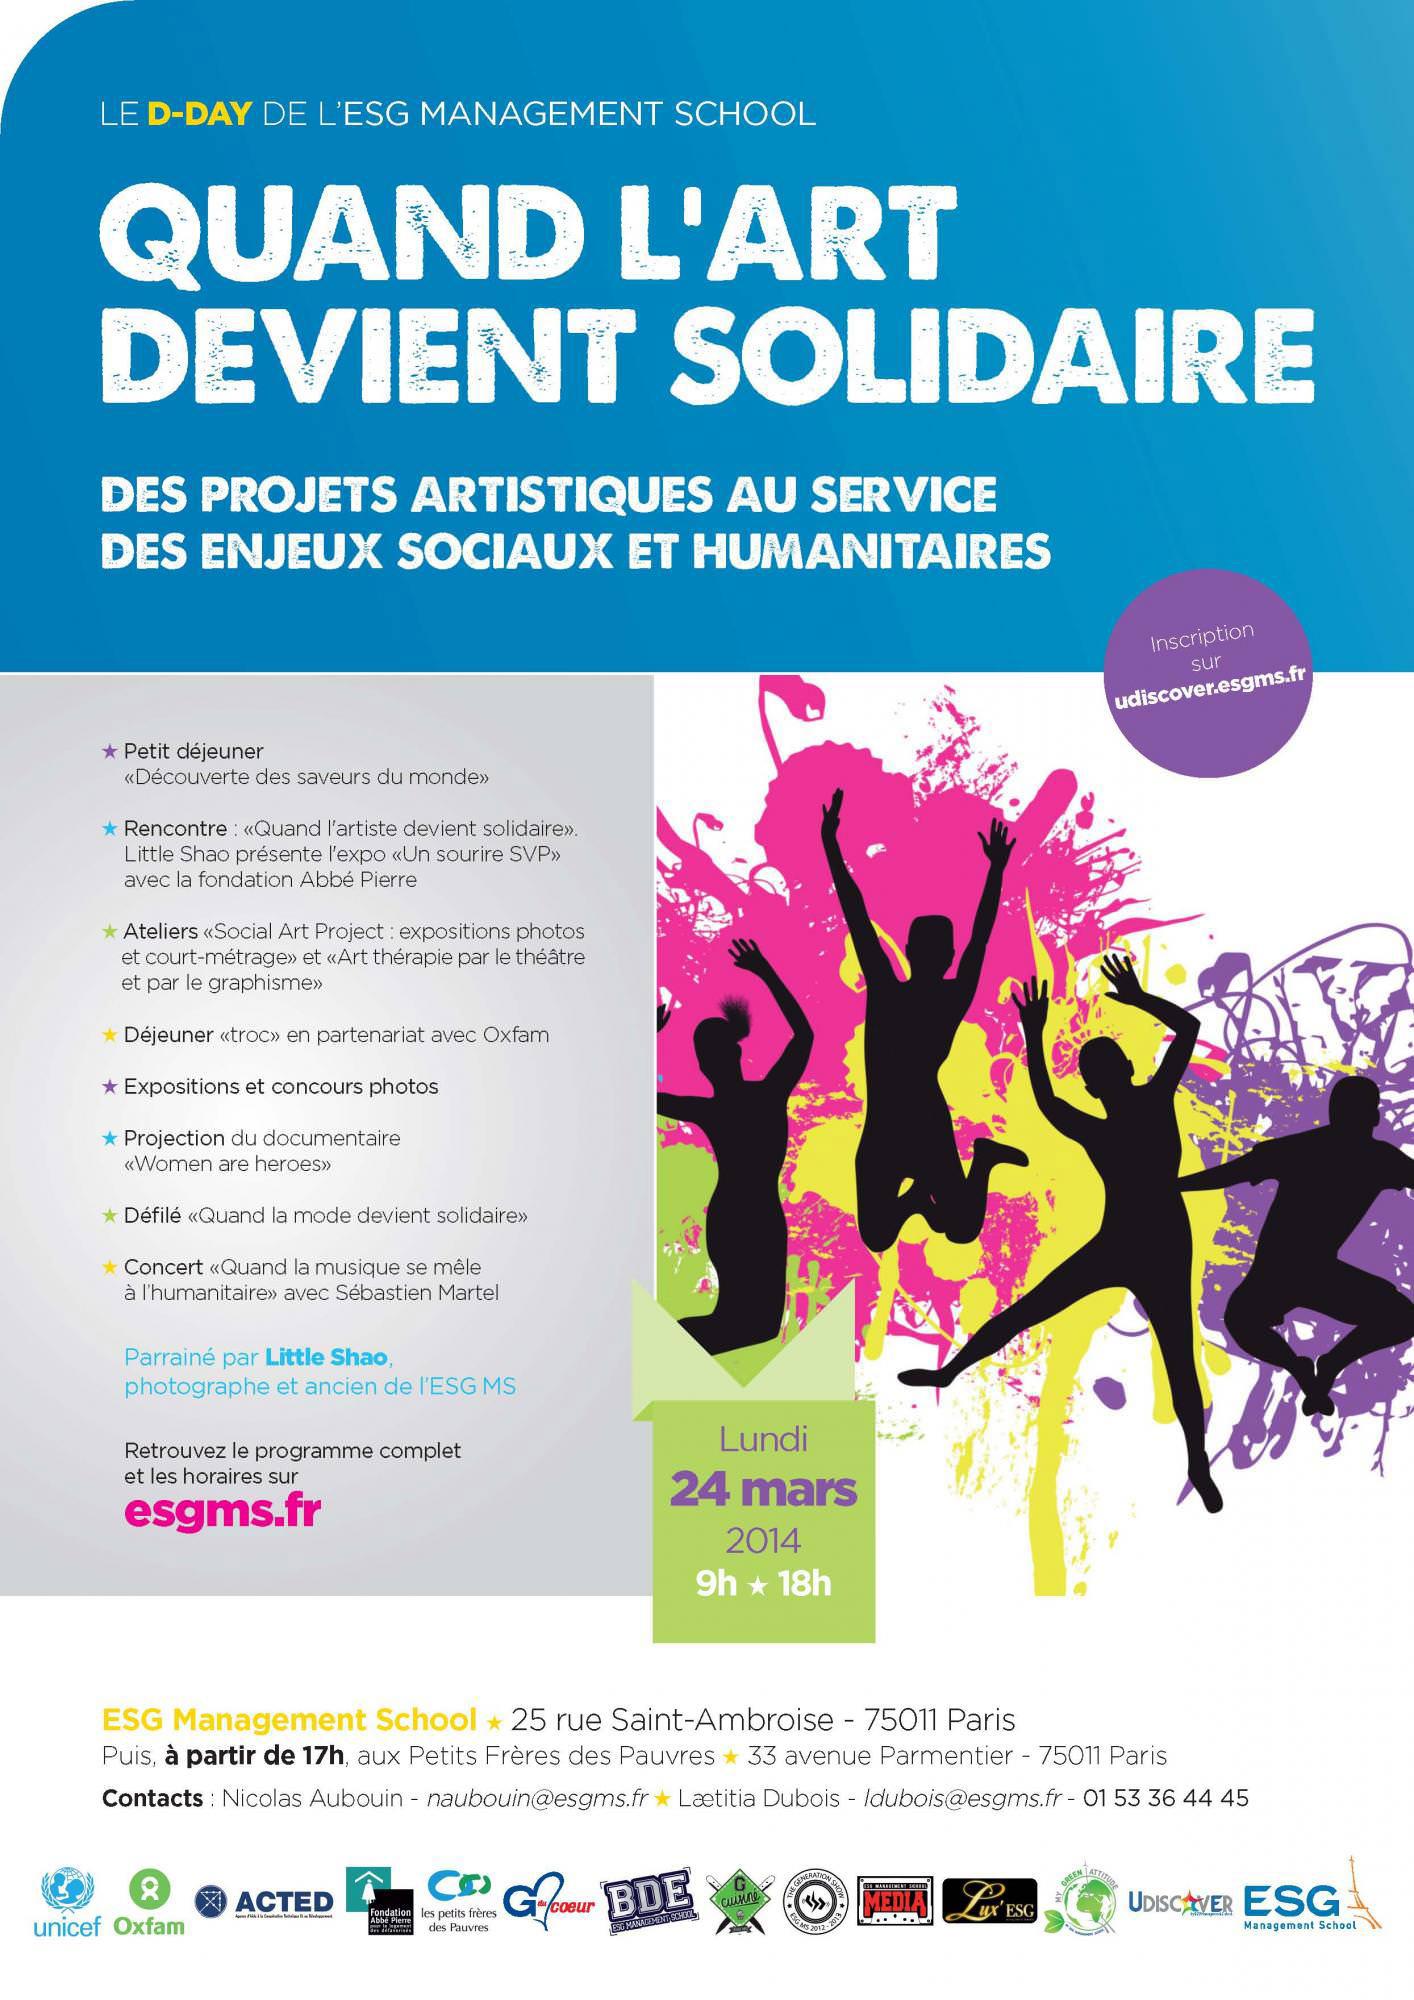 4ème édition du DDAY de l'ESG Management School « Quand l'art devient solidaire » le 24 mars 2014